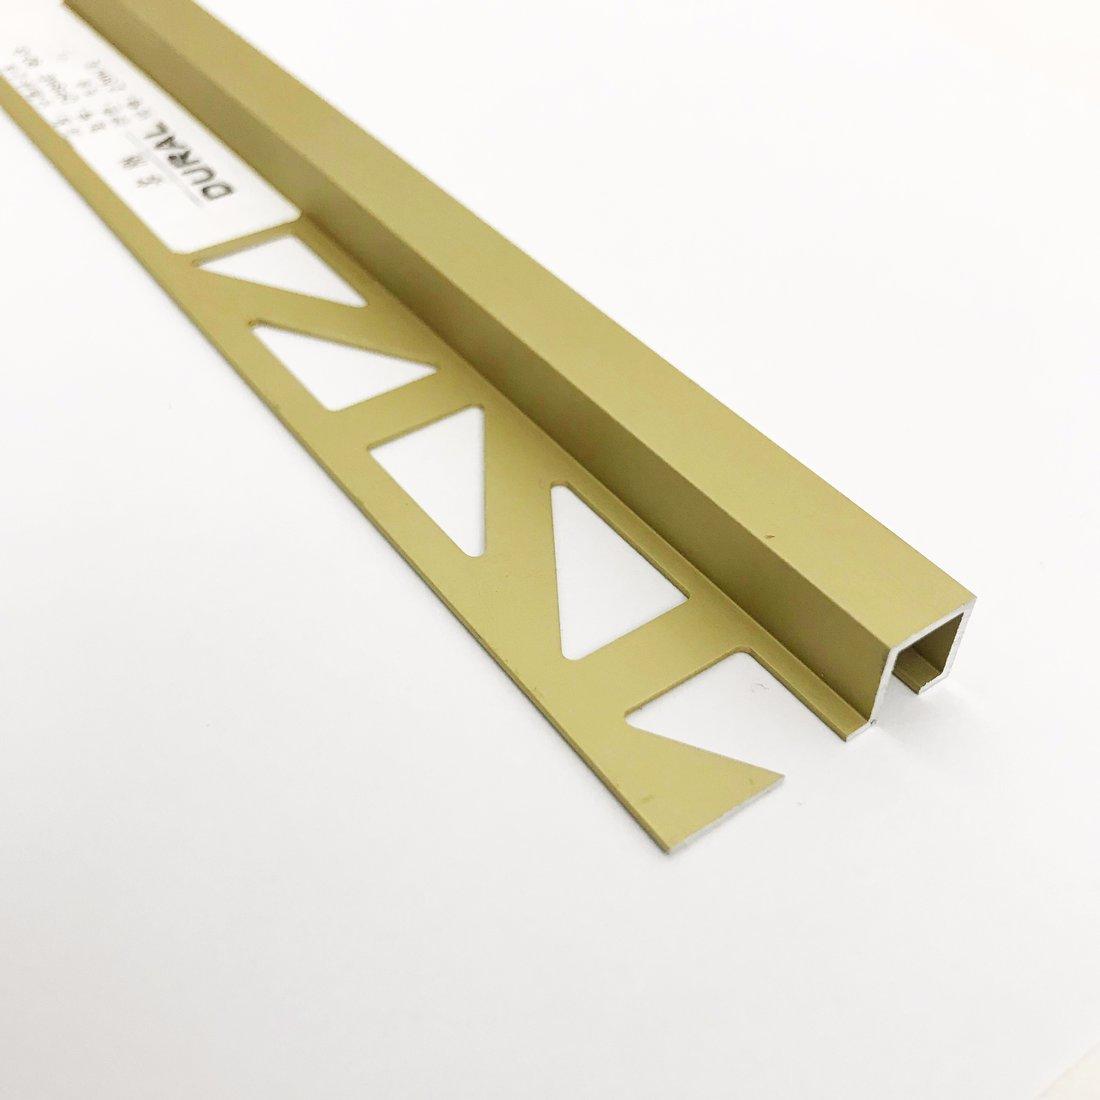 【铝合金】分隔修边线1